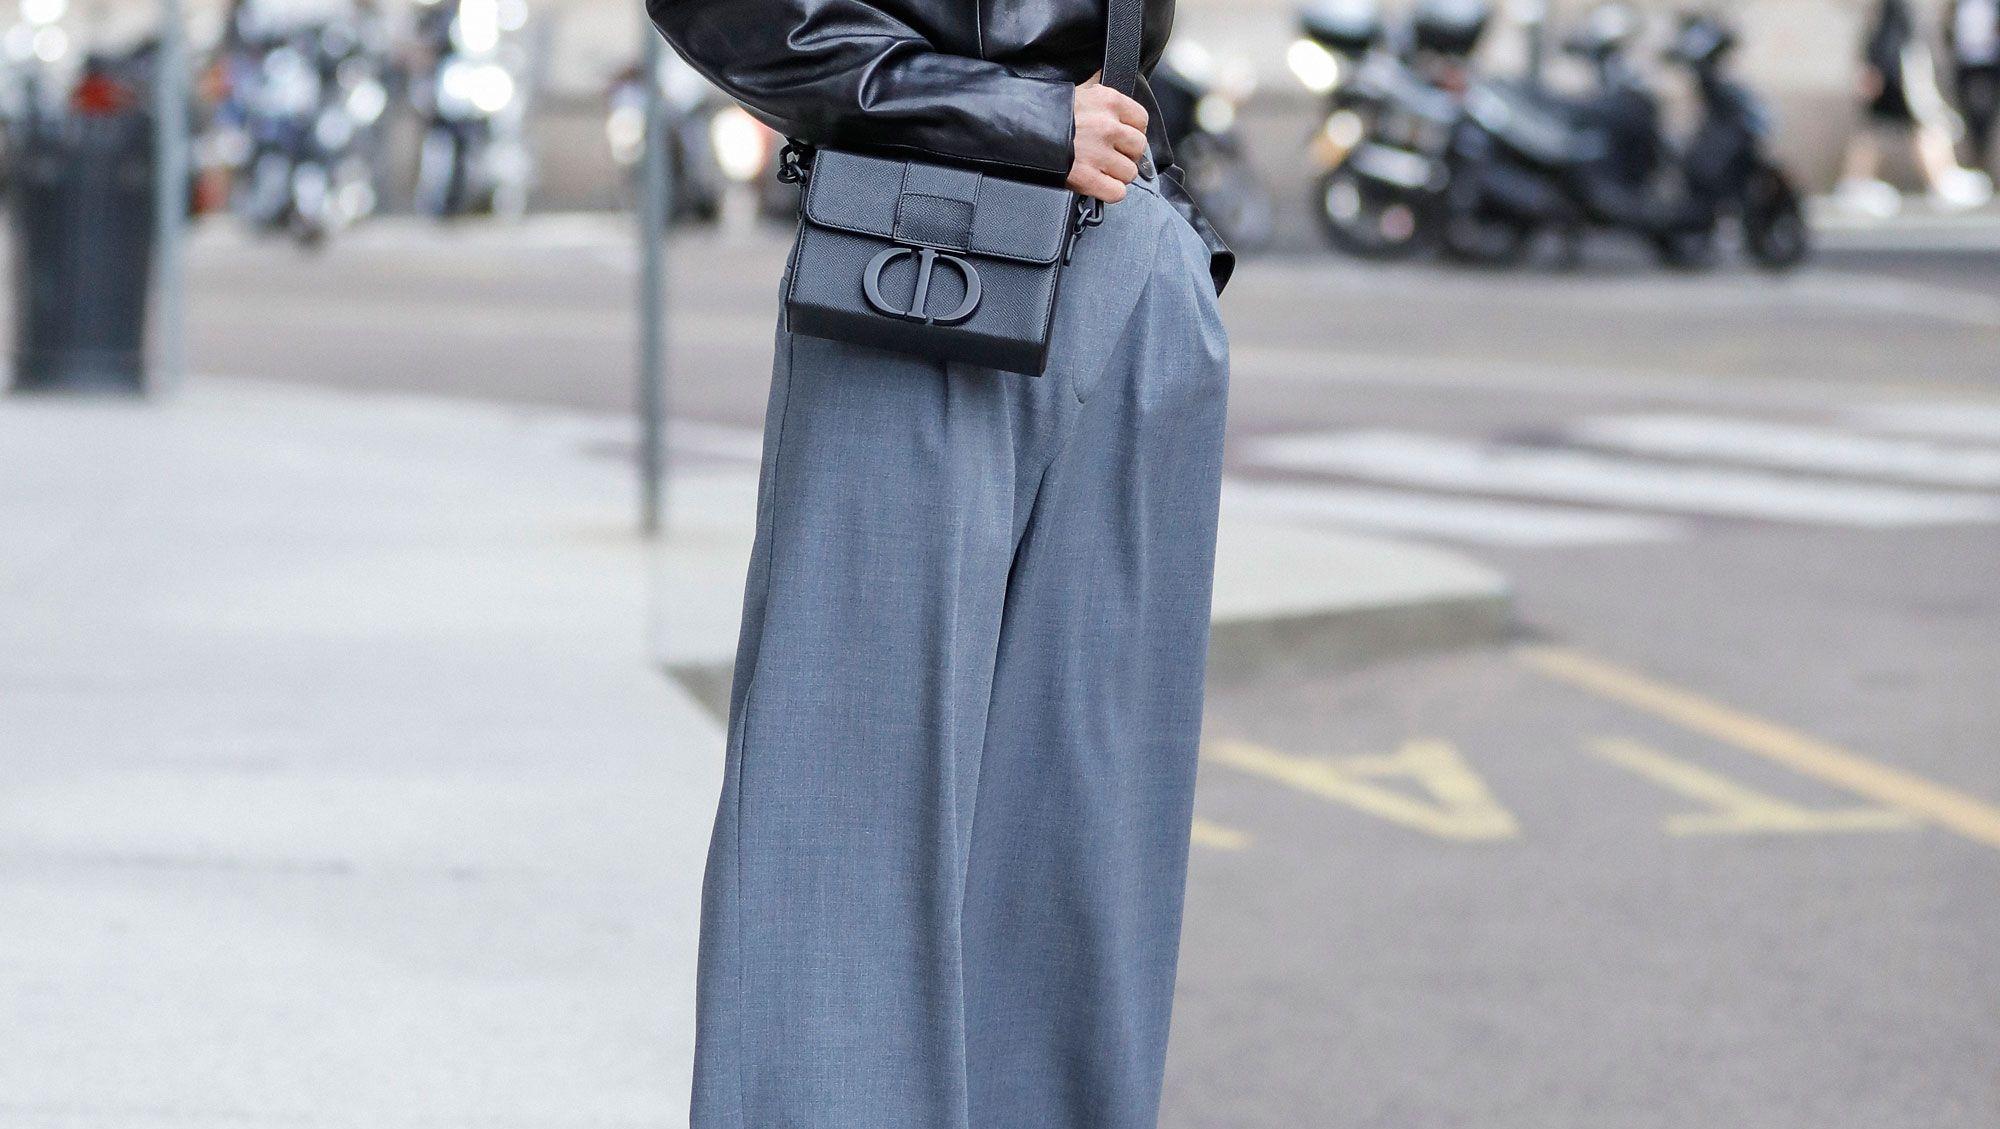 Το γκρι παντελόνι είναι το νέο μαύρο (6 low-budget κομμάτια)